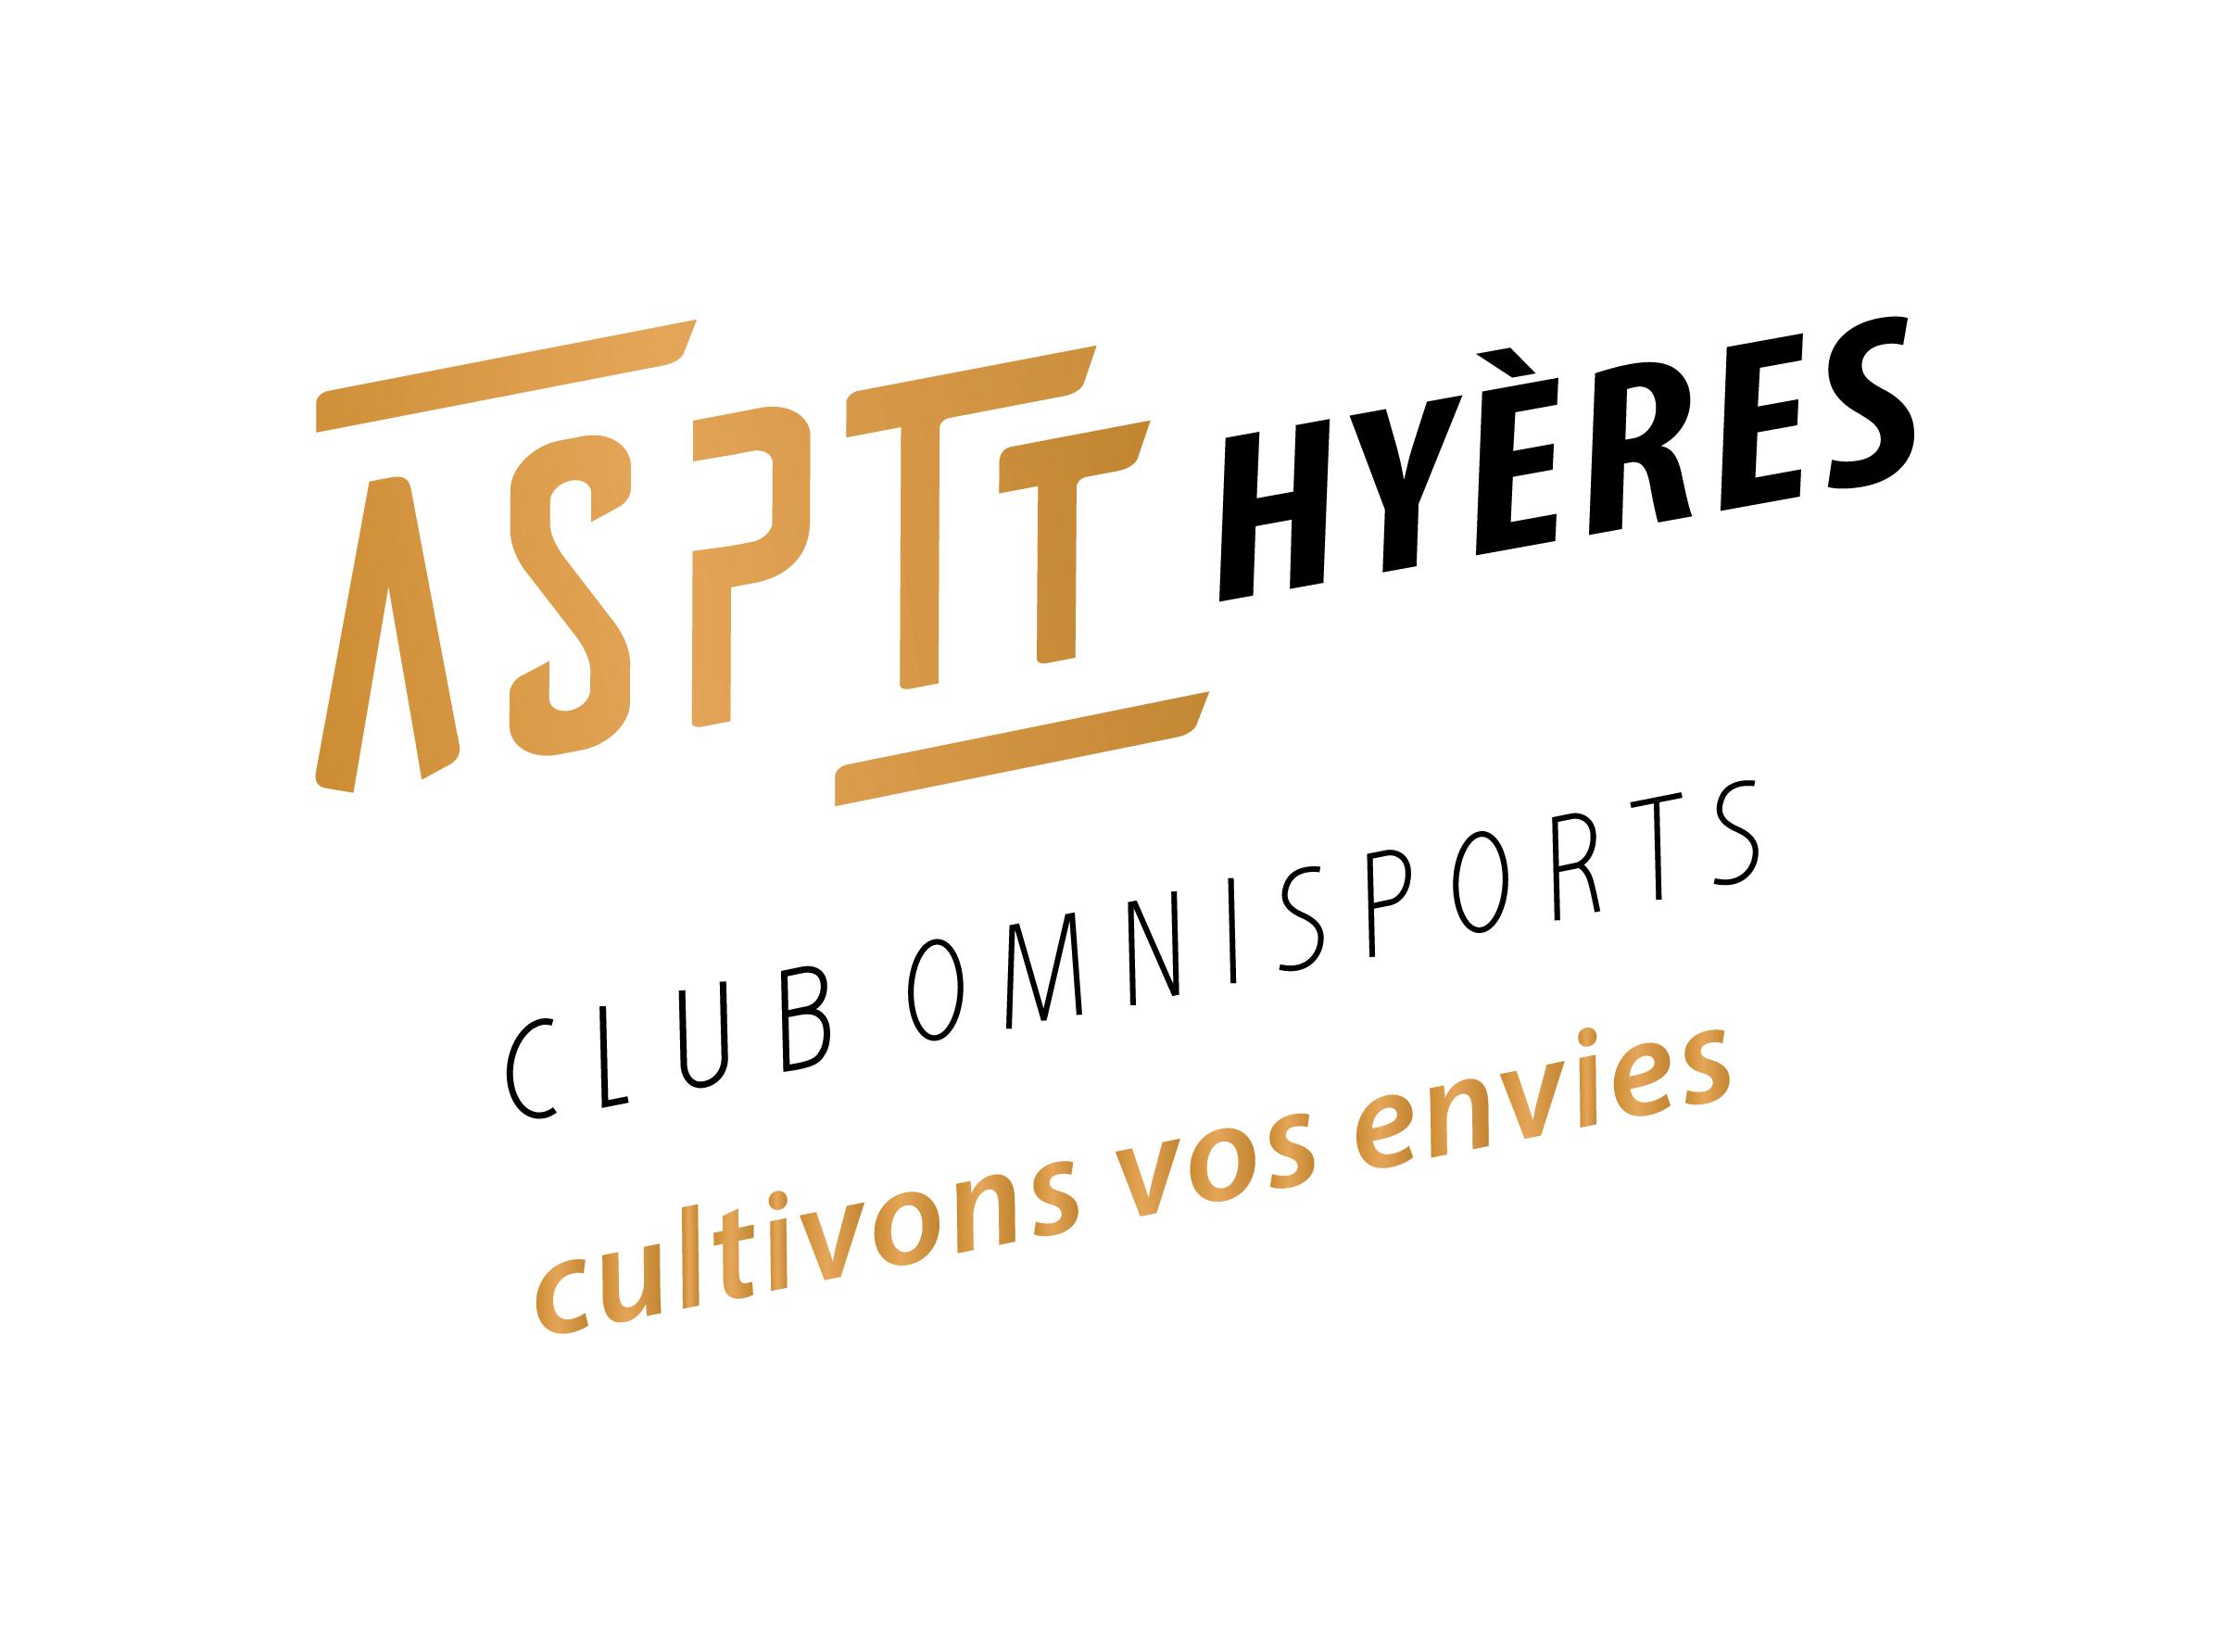 Club omnisports ouvert à tous - 29 activités